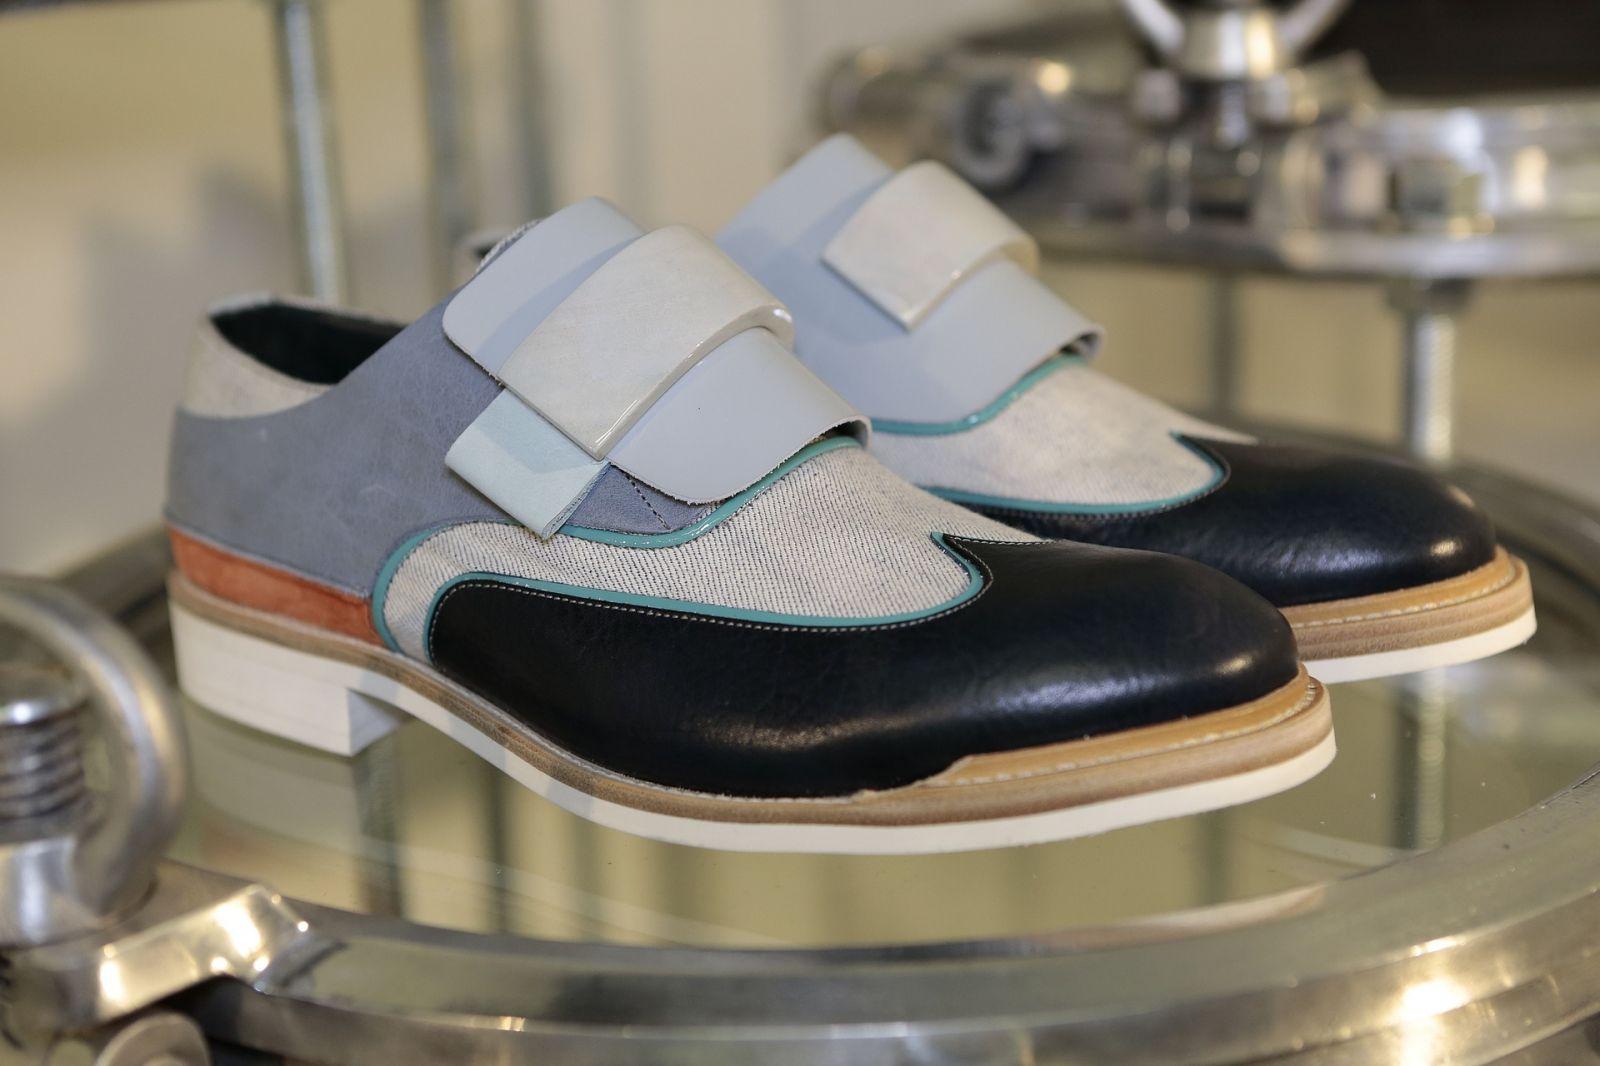 c817cdcabe07 Magasin de chaussures de marque pour homme à Marseille - Guide ...